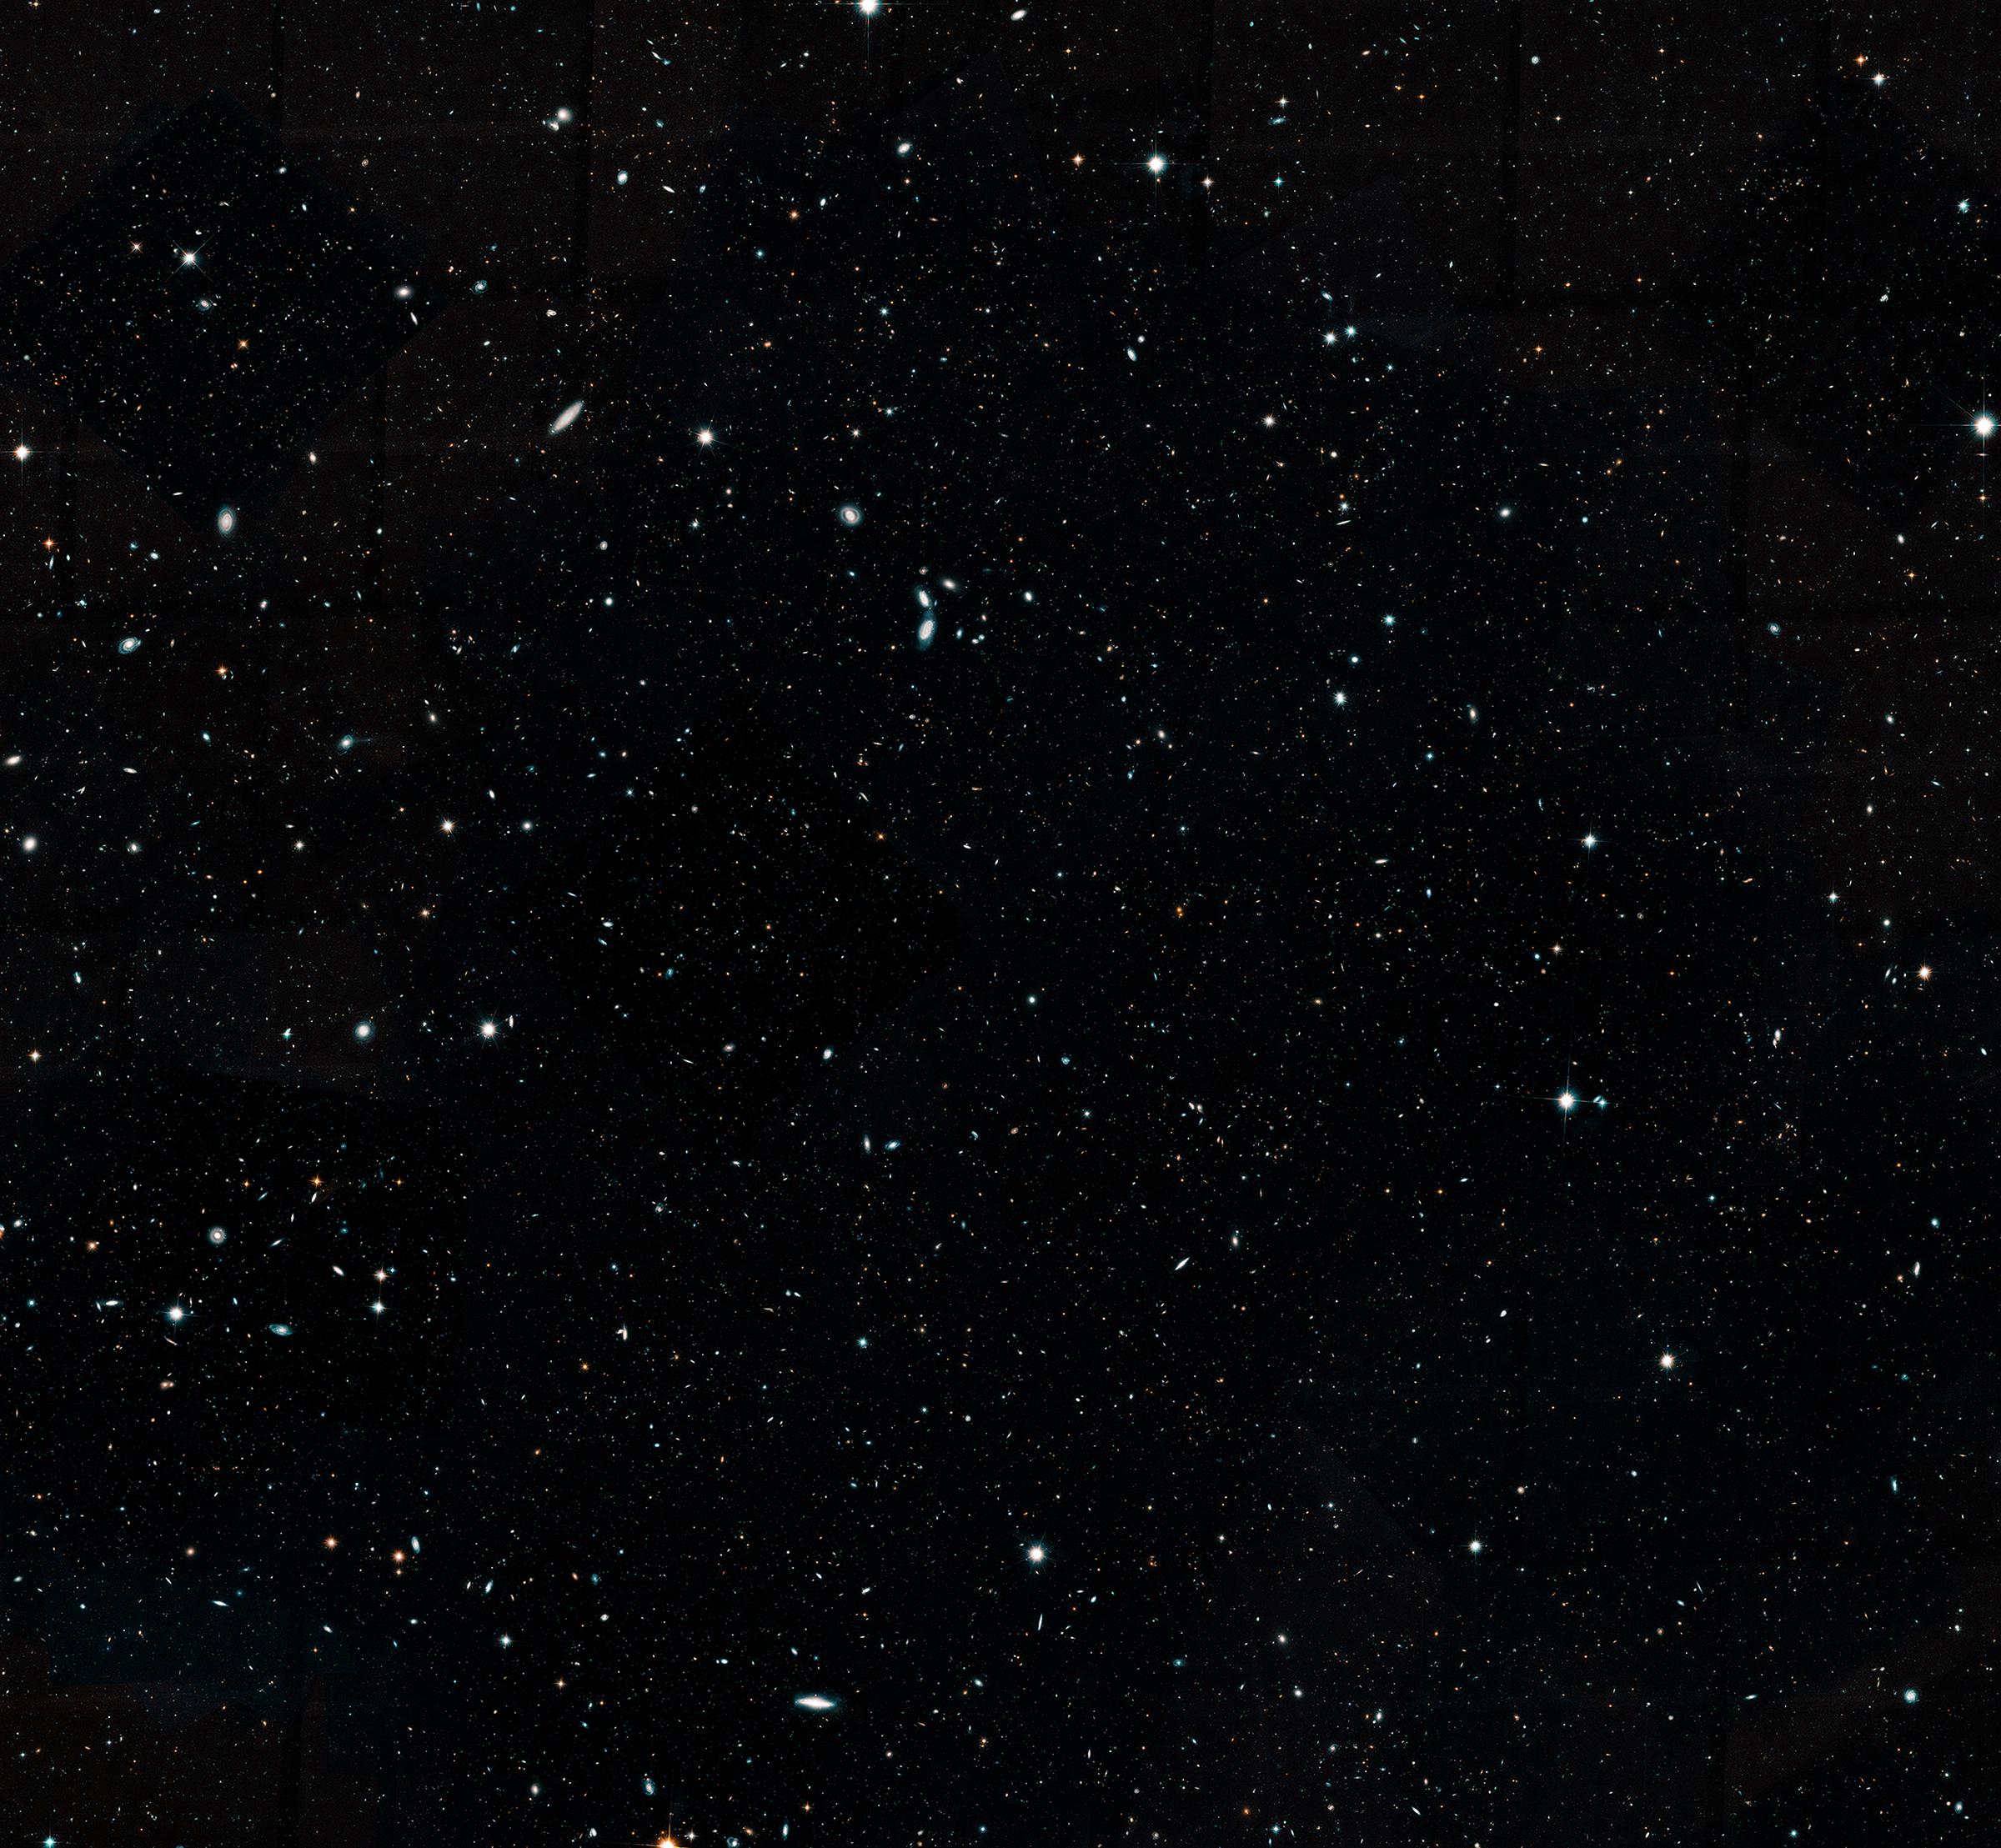 Imagen tomada por el satélite espacial | Hubble